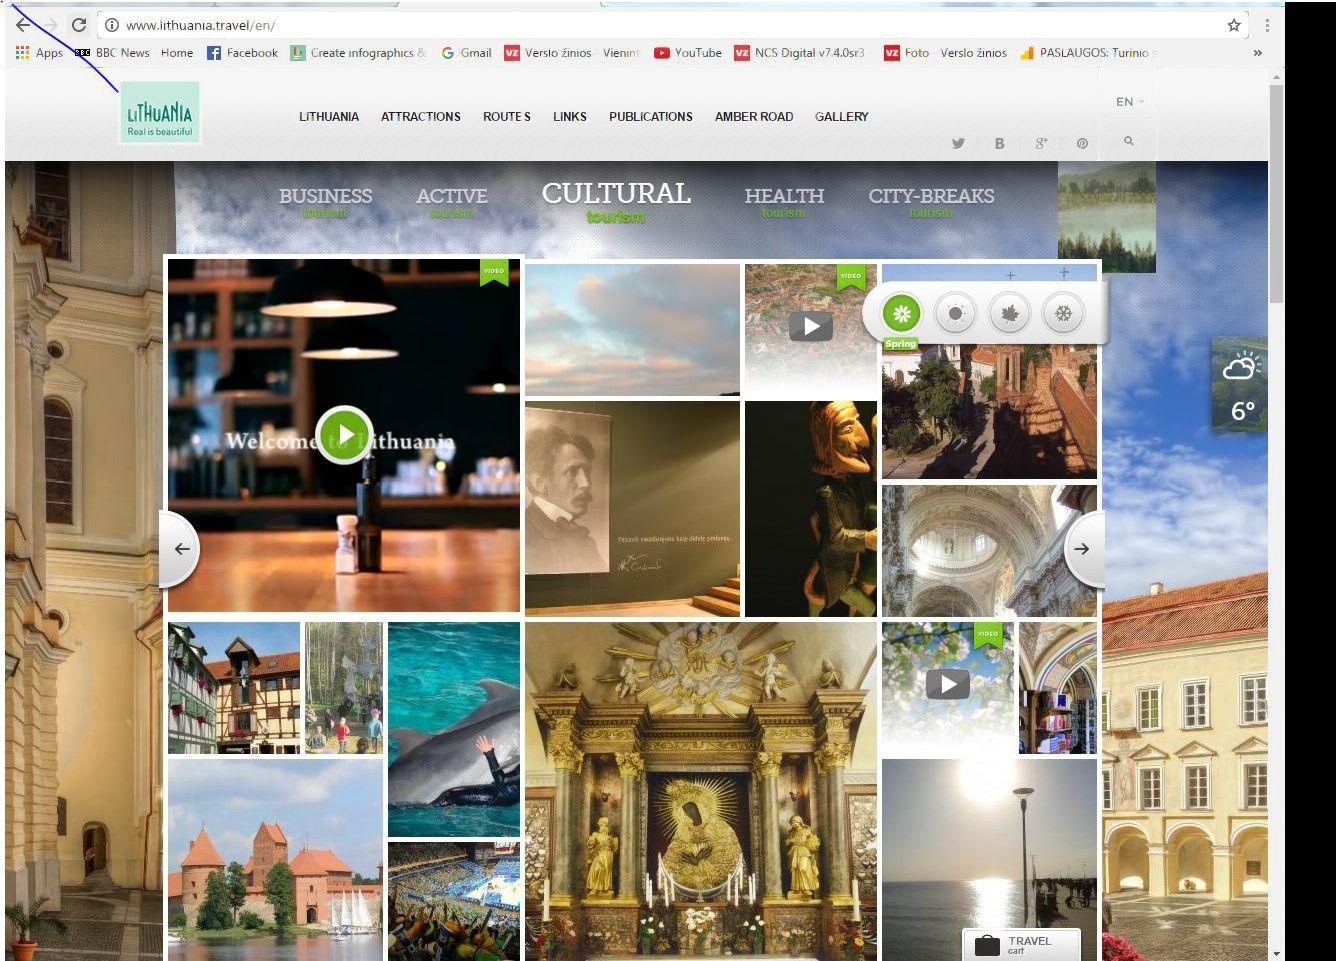 Kurs naują Lietuvos turizmo svetainę